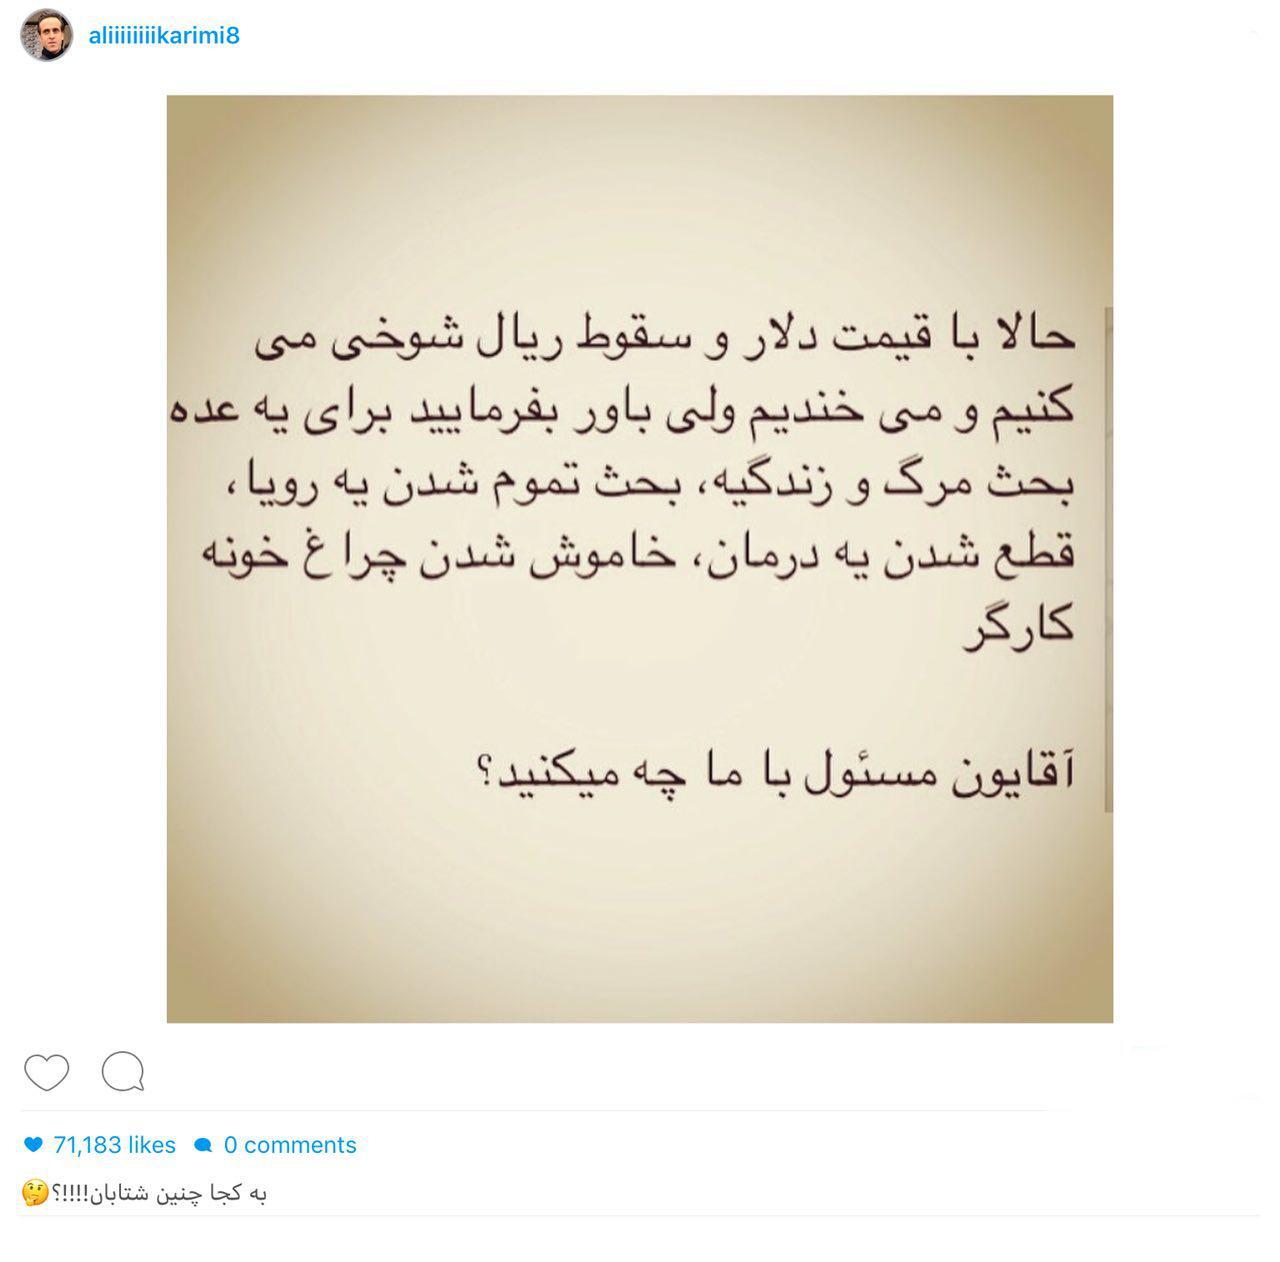 واکنش علی کریمی به افزایش قیمت دلار